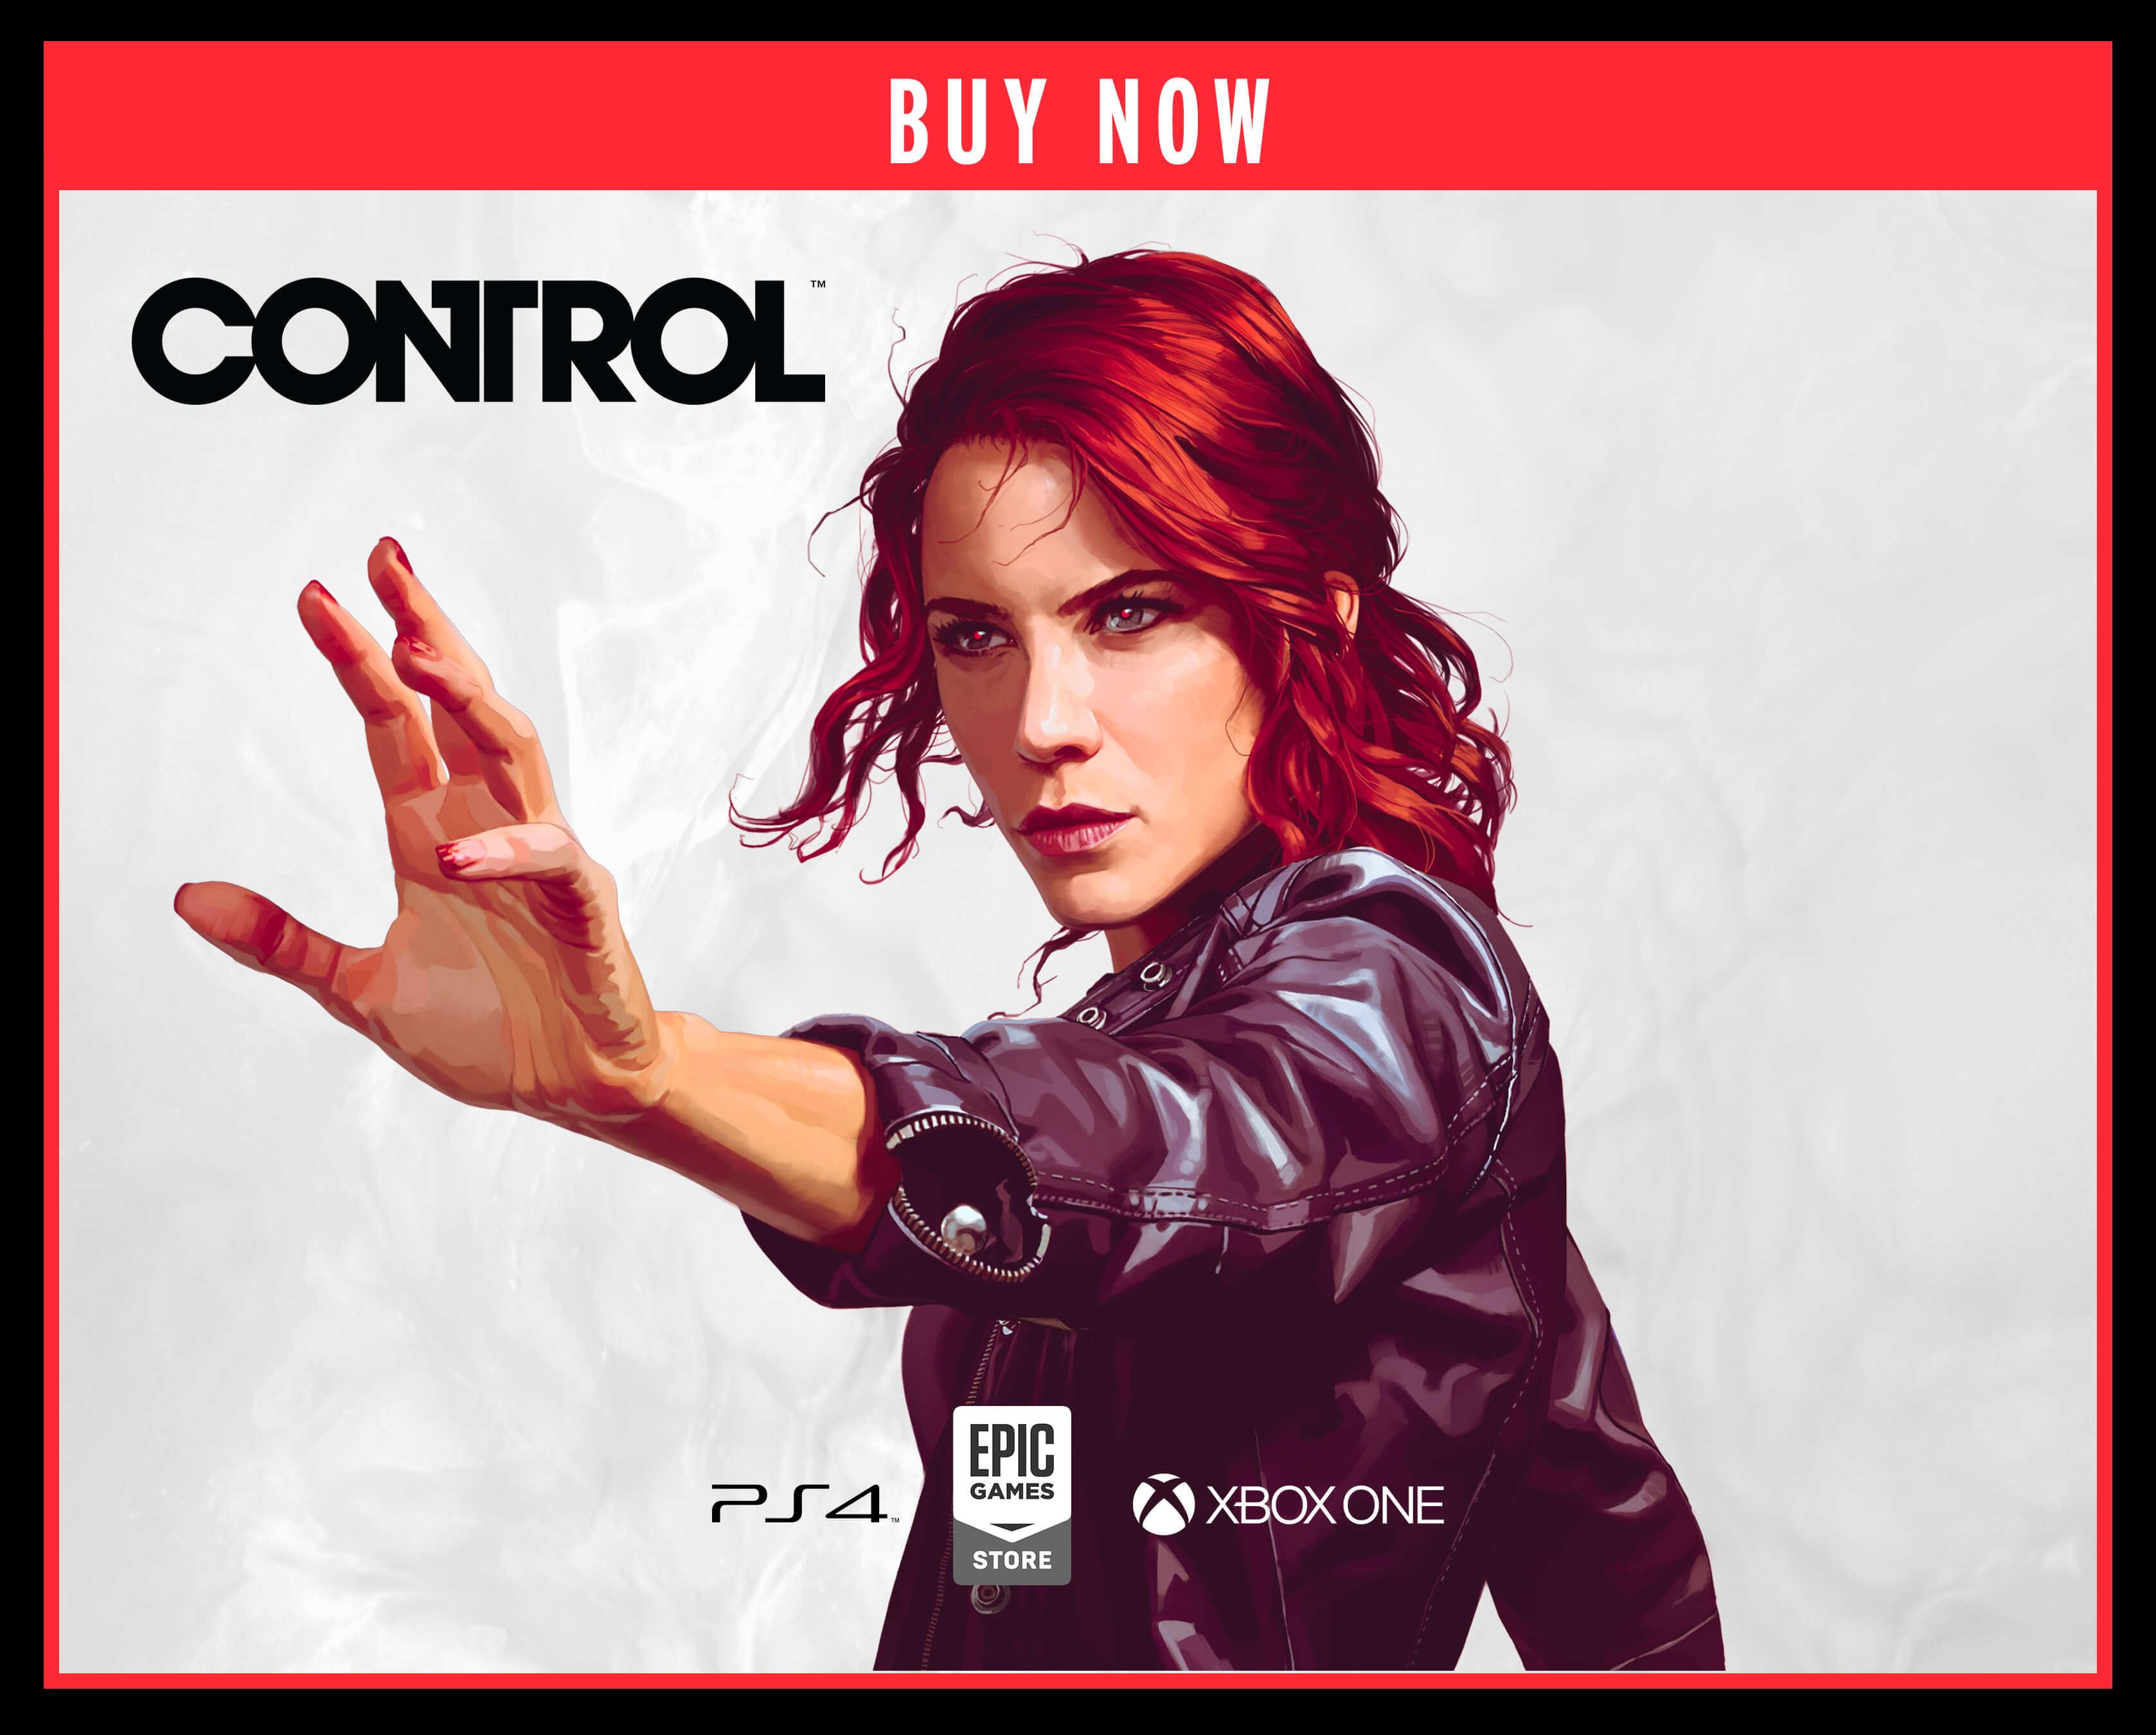 Control Pack Shots